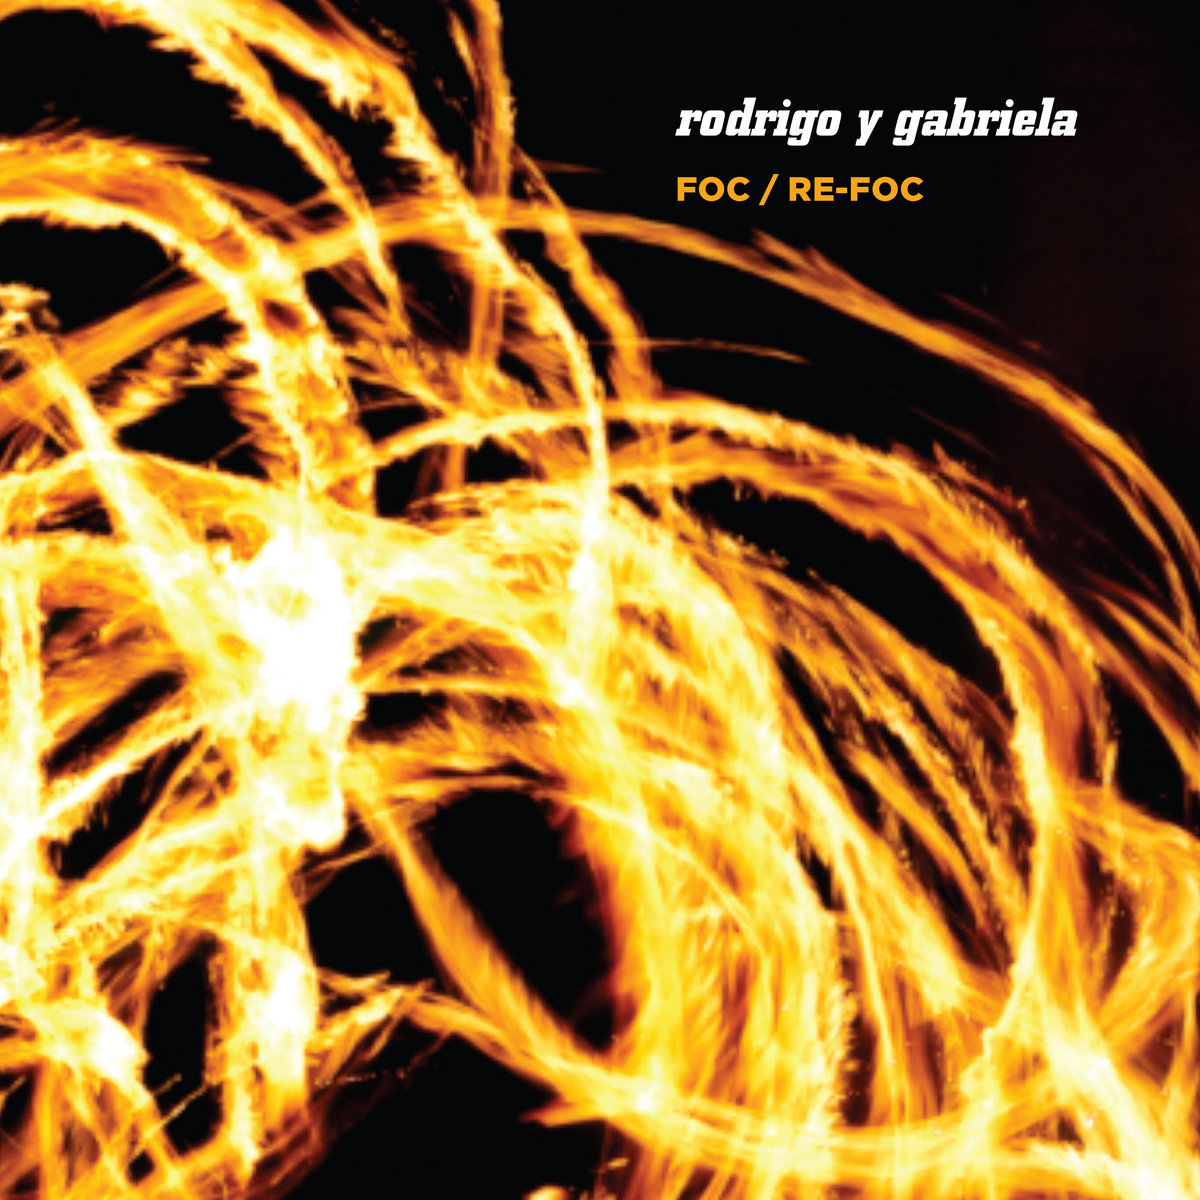 Rodrigo Y Gabriela Album Cover